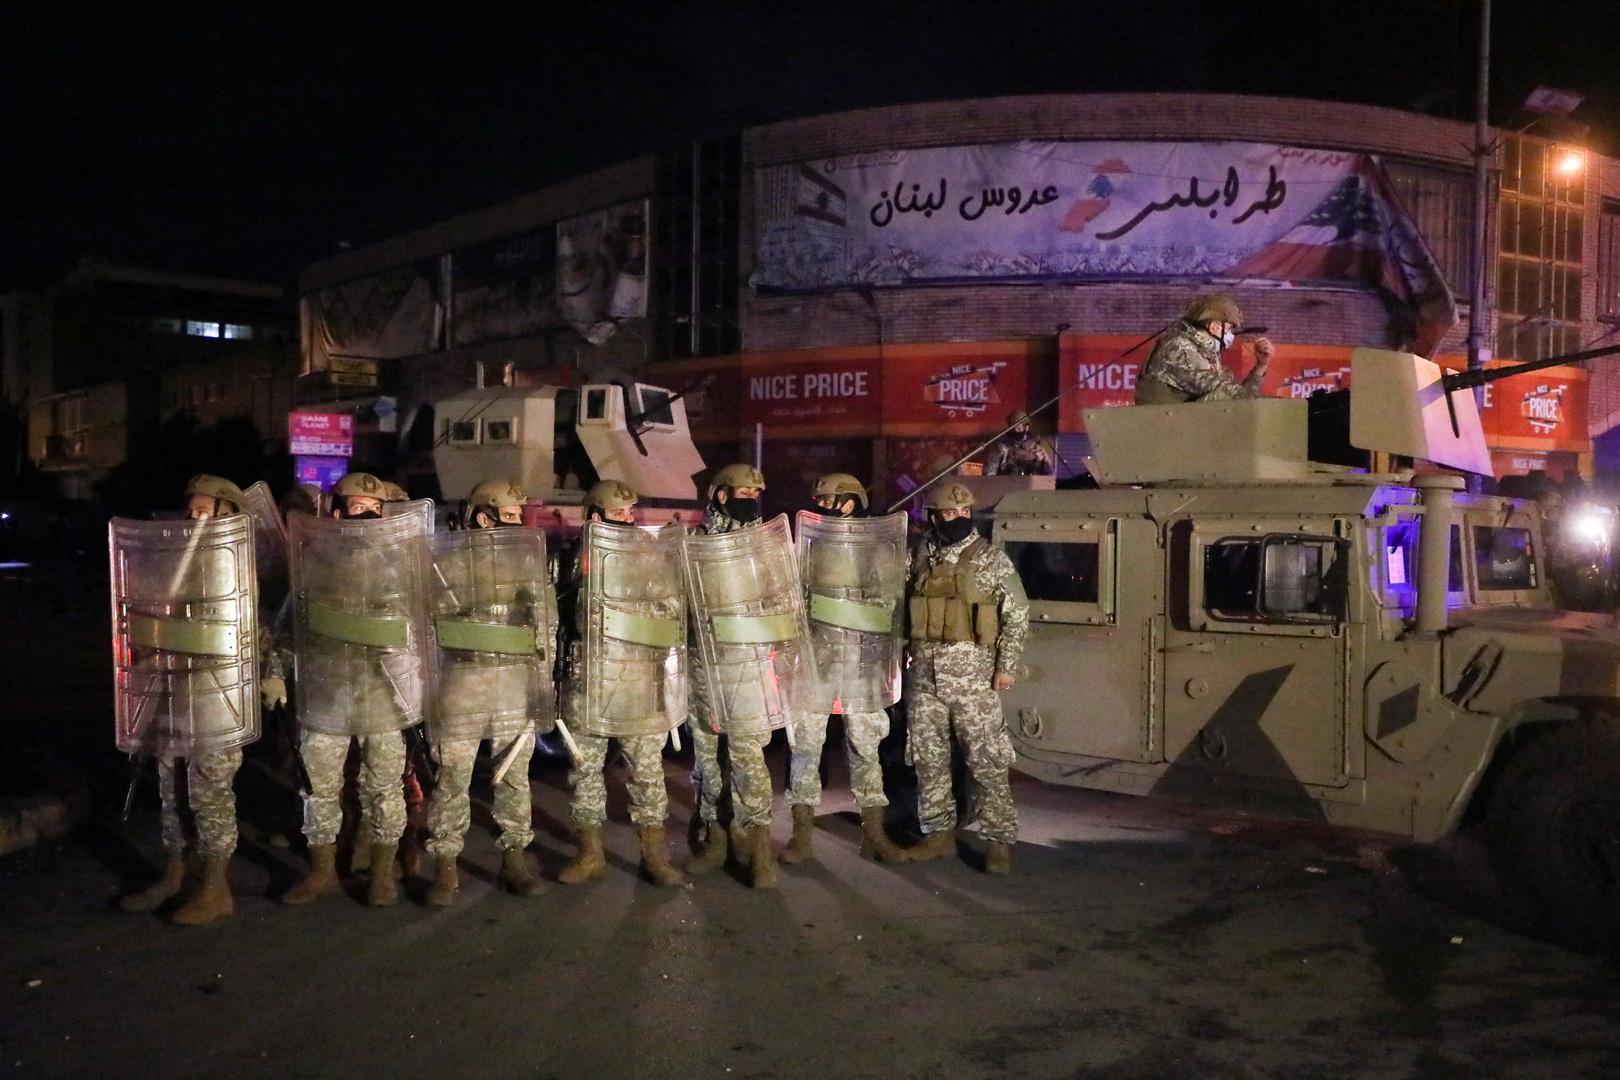 لبنان.. مسلحون يطلقون النار في مدينة طرابلس احتجاجا على الأوضاع المعيشية والجيش ينتشر (فيديوهات)